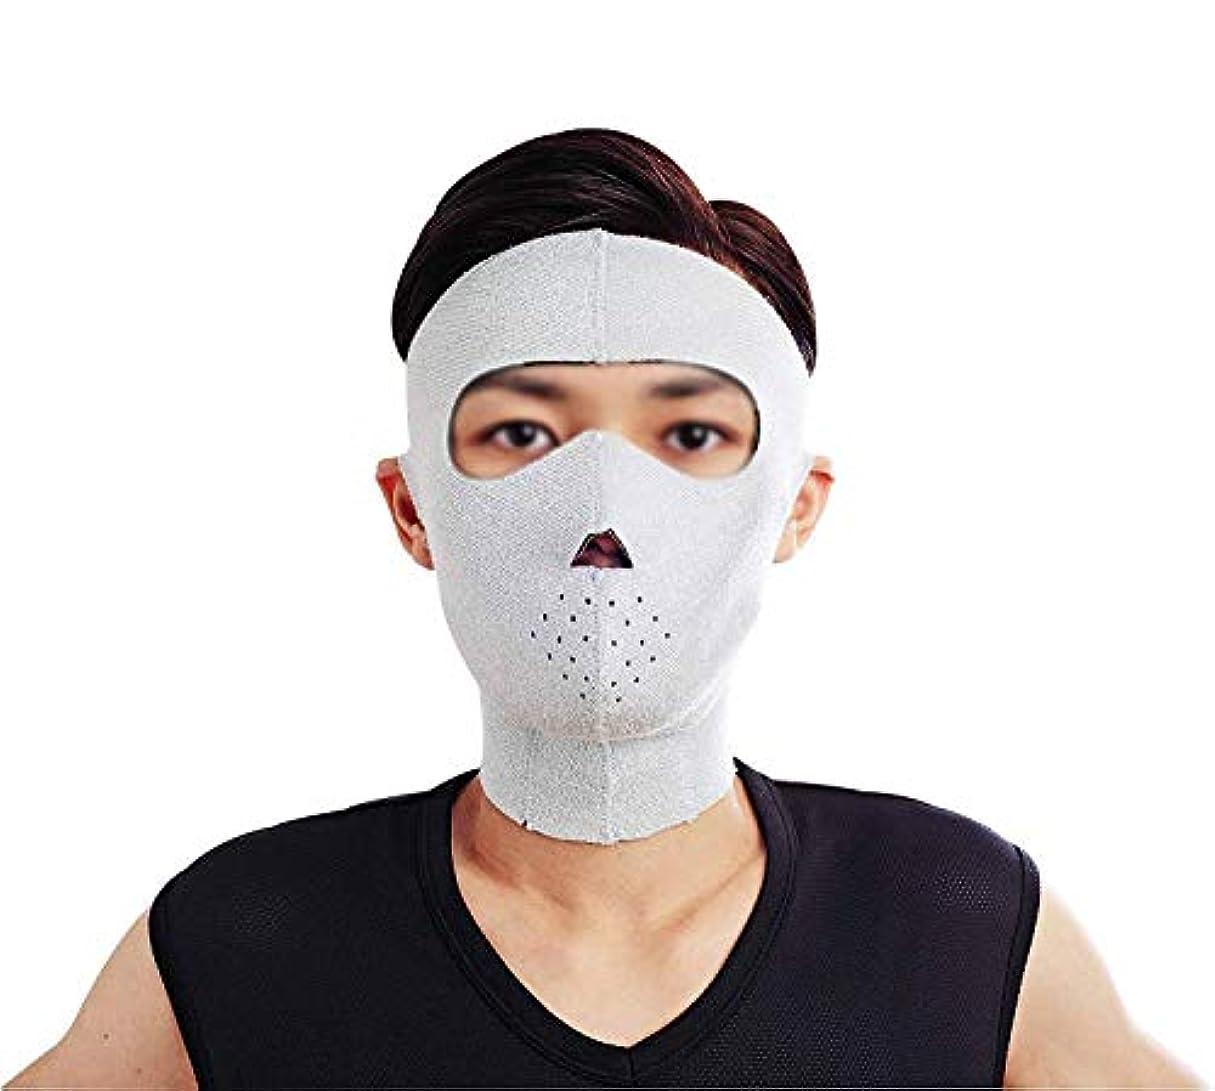 気付くスワップ豚フェイスリフトマスク、フェイシャルマスクプラス薄いフェイスマスクタイトなたるみの薄いフェイスマスクフェイシャル薄いフェイスマスクアーティファクトビューティー男性ネックストラップ付き